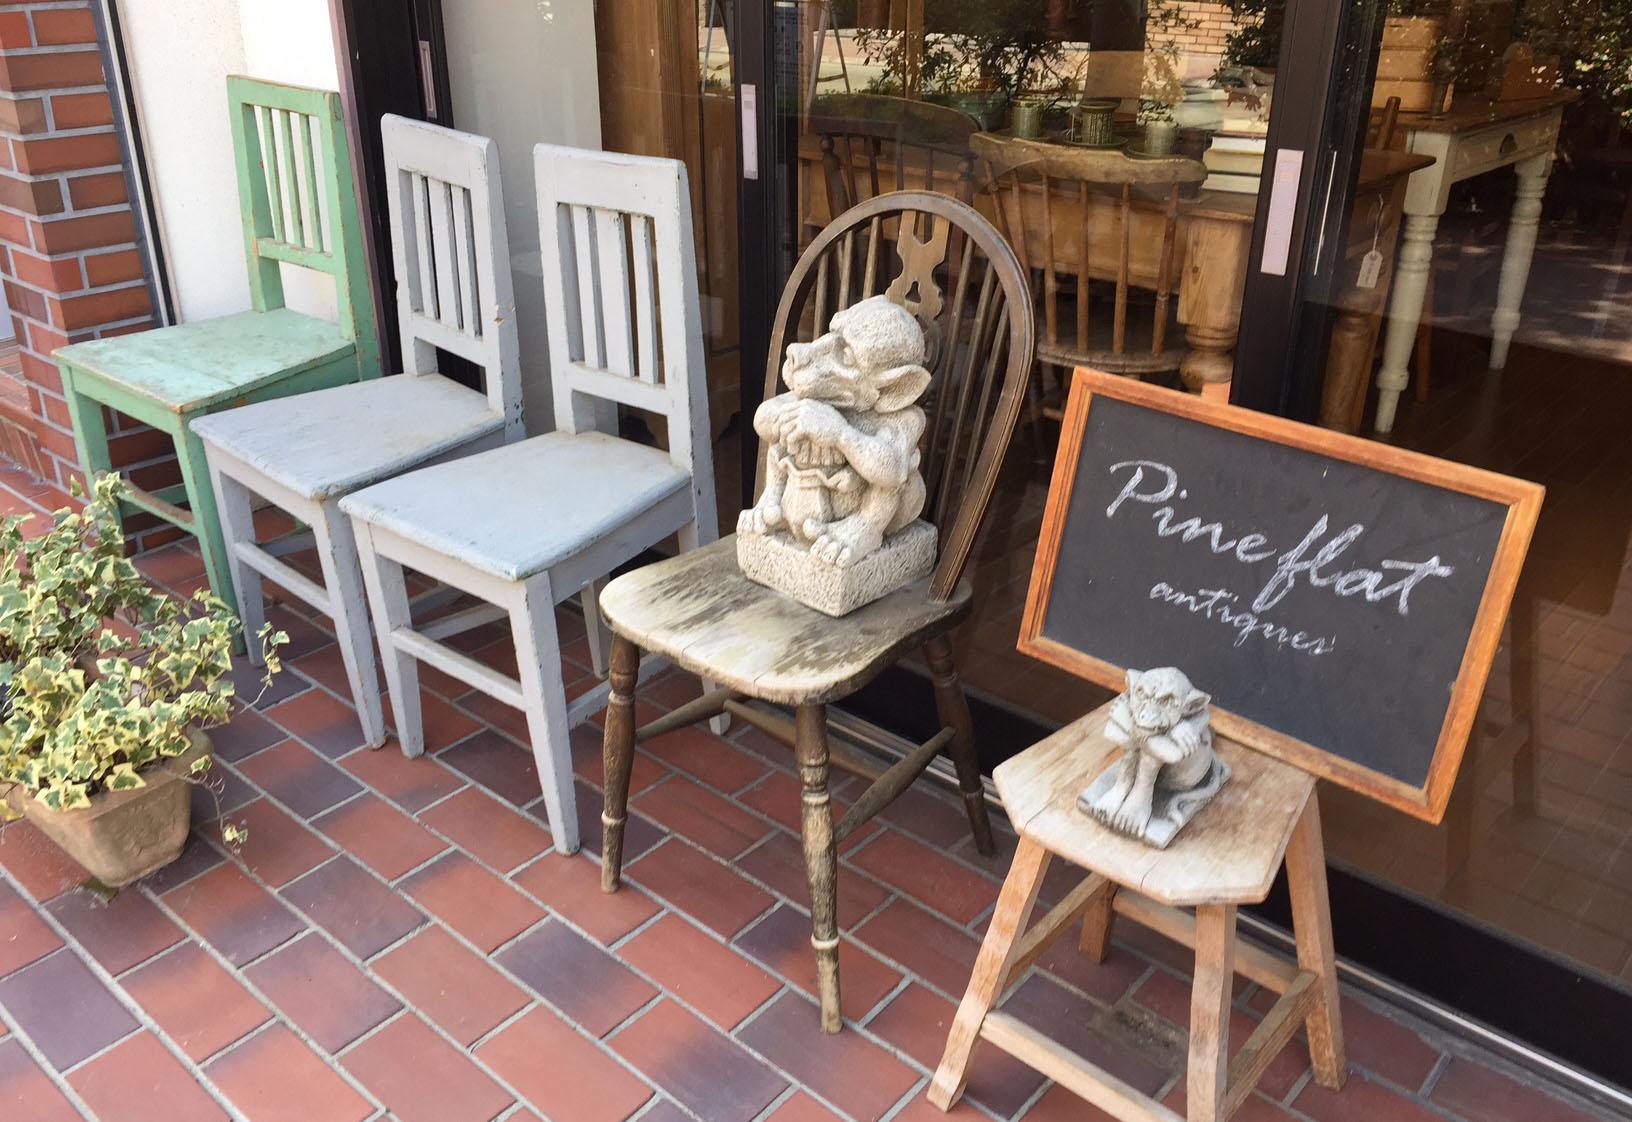 アンティーク家具と雑貨 Pine flat(パインフラット)